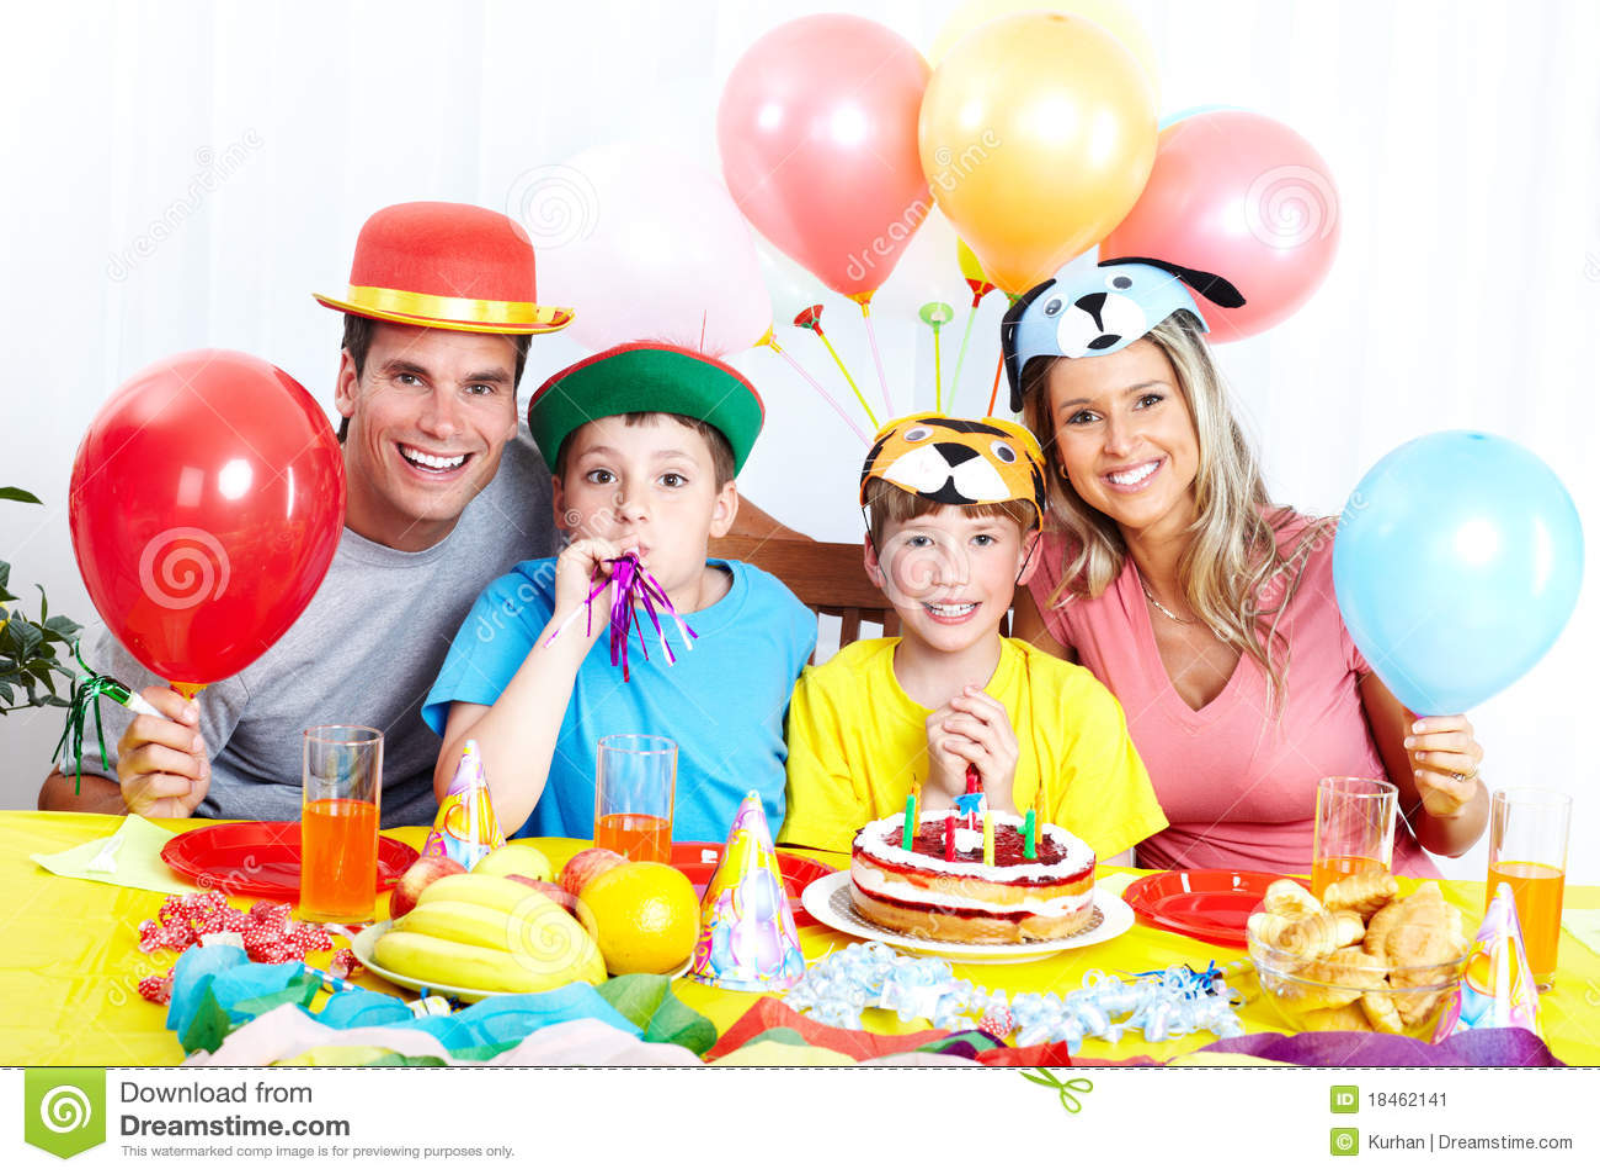 Happy family and birthday